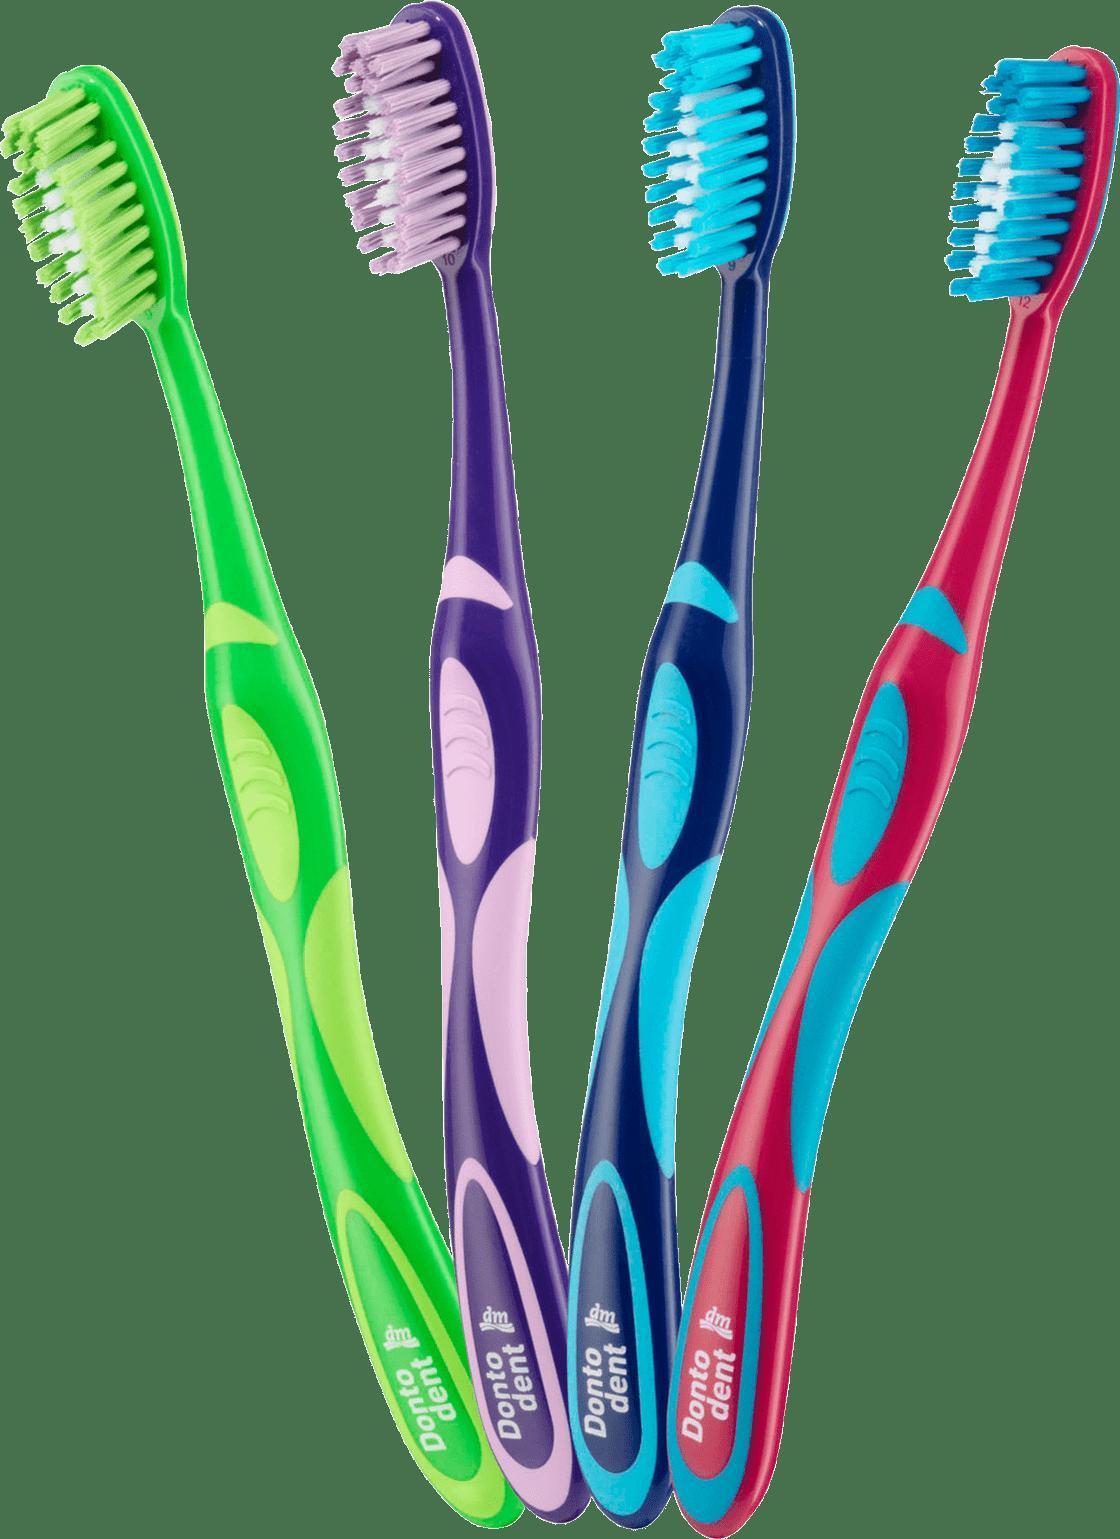 Отзыв на Зубная щетка для подростка мягкий, от 6 Лет, 2 Ст из Интернет-Магазина DM